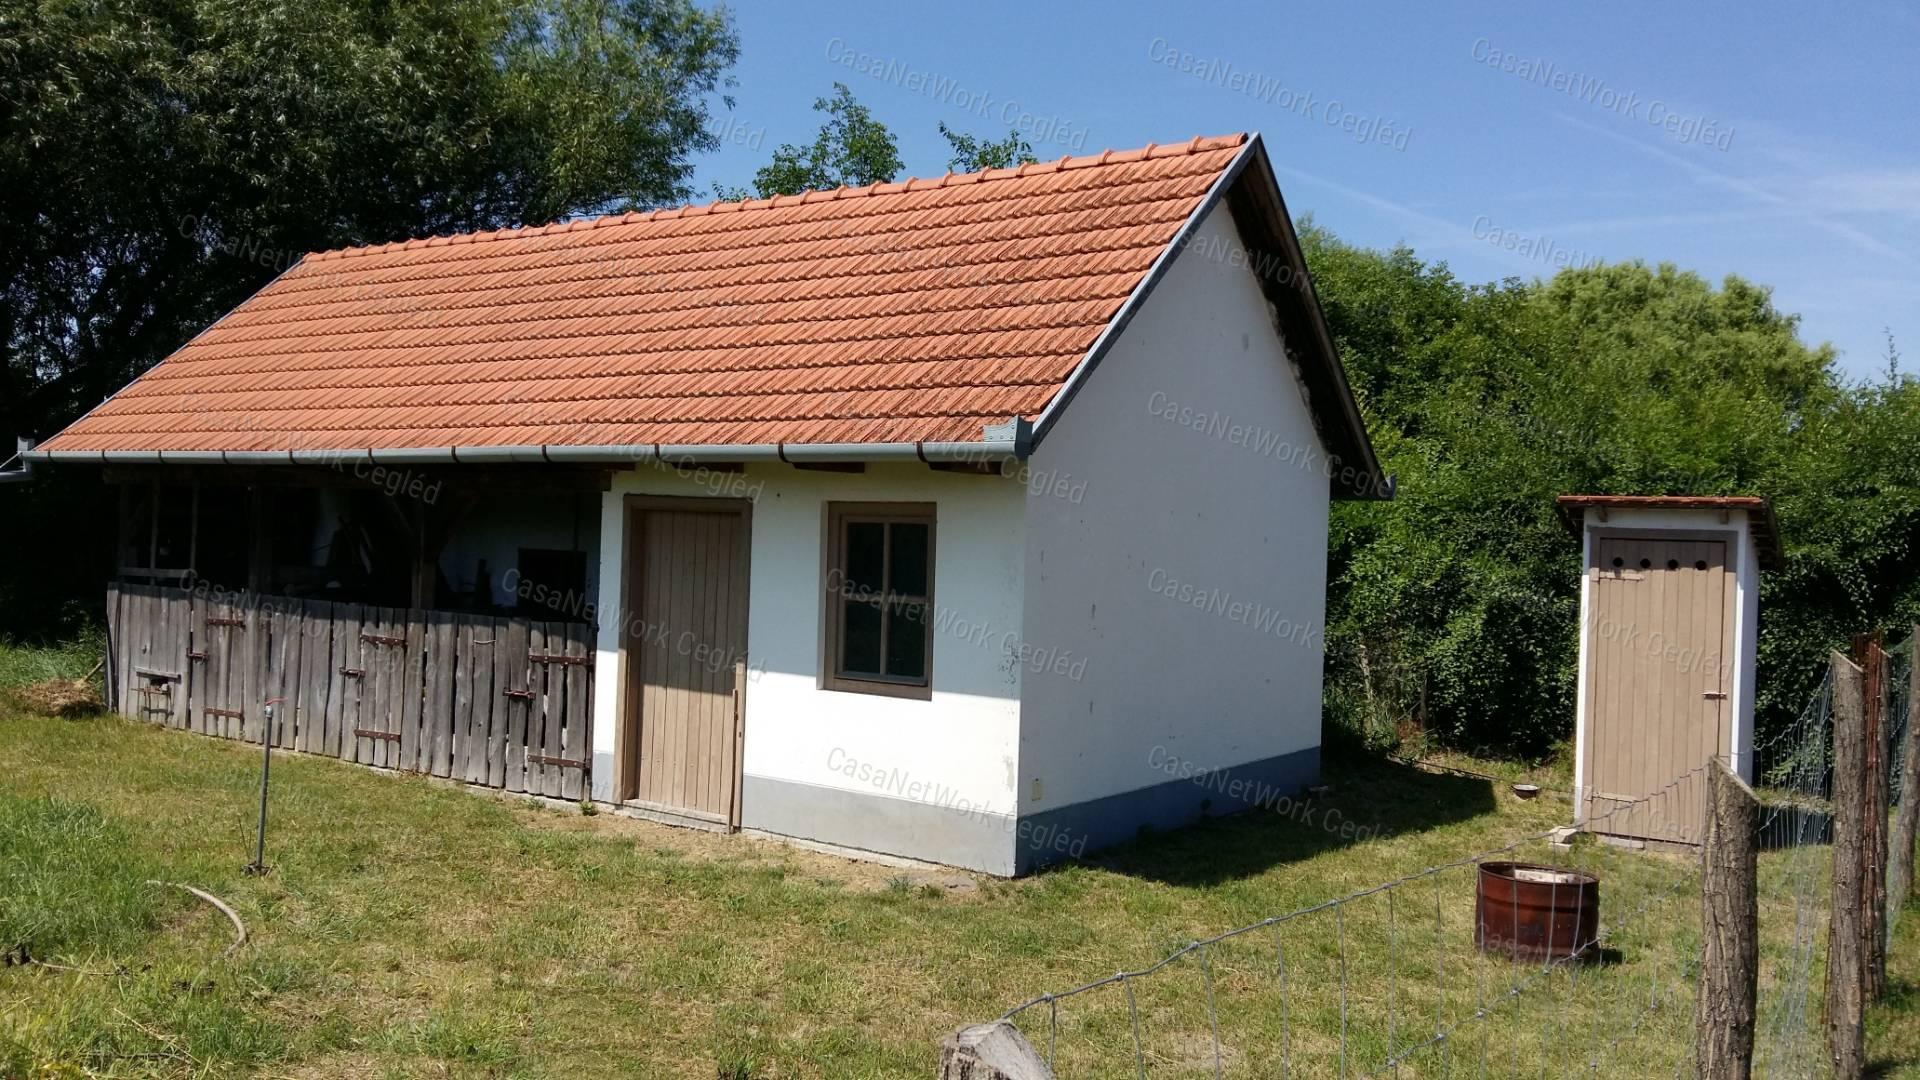 Eladó szántó, Pest megye, Cegléd - sz.: 174600532 - CasaNetWork.hu